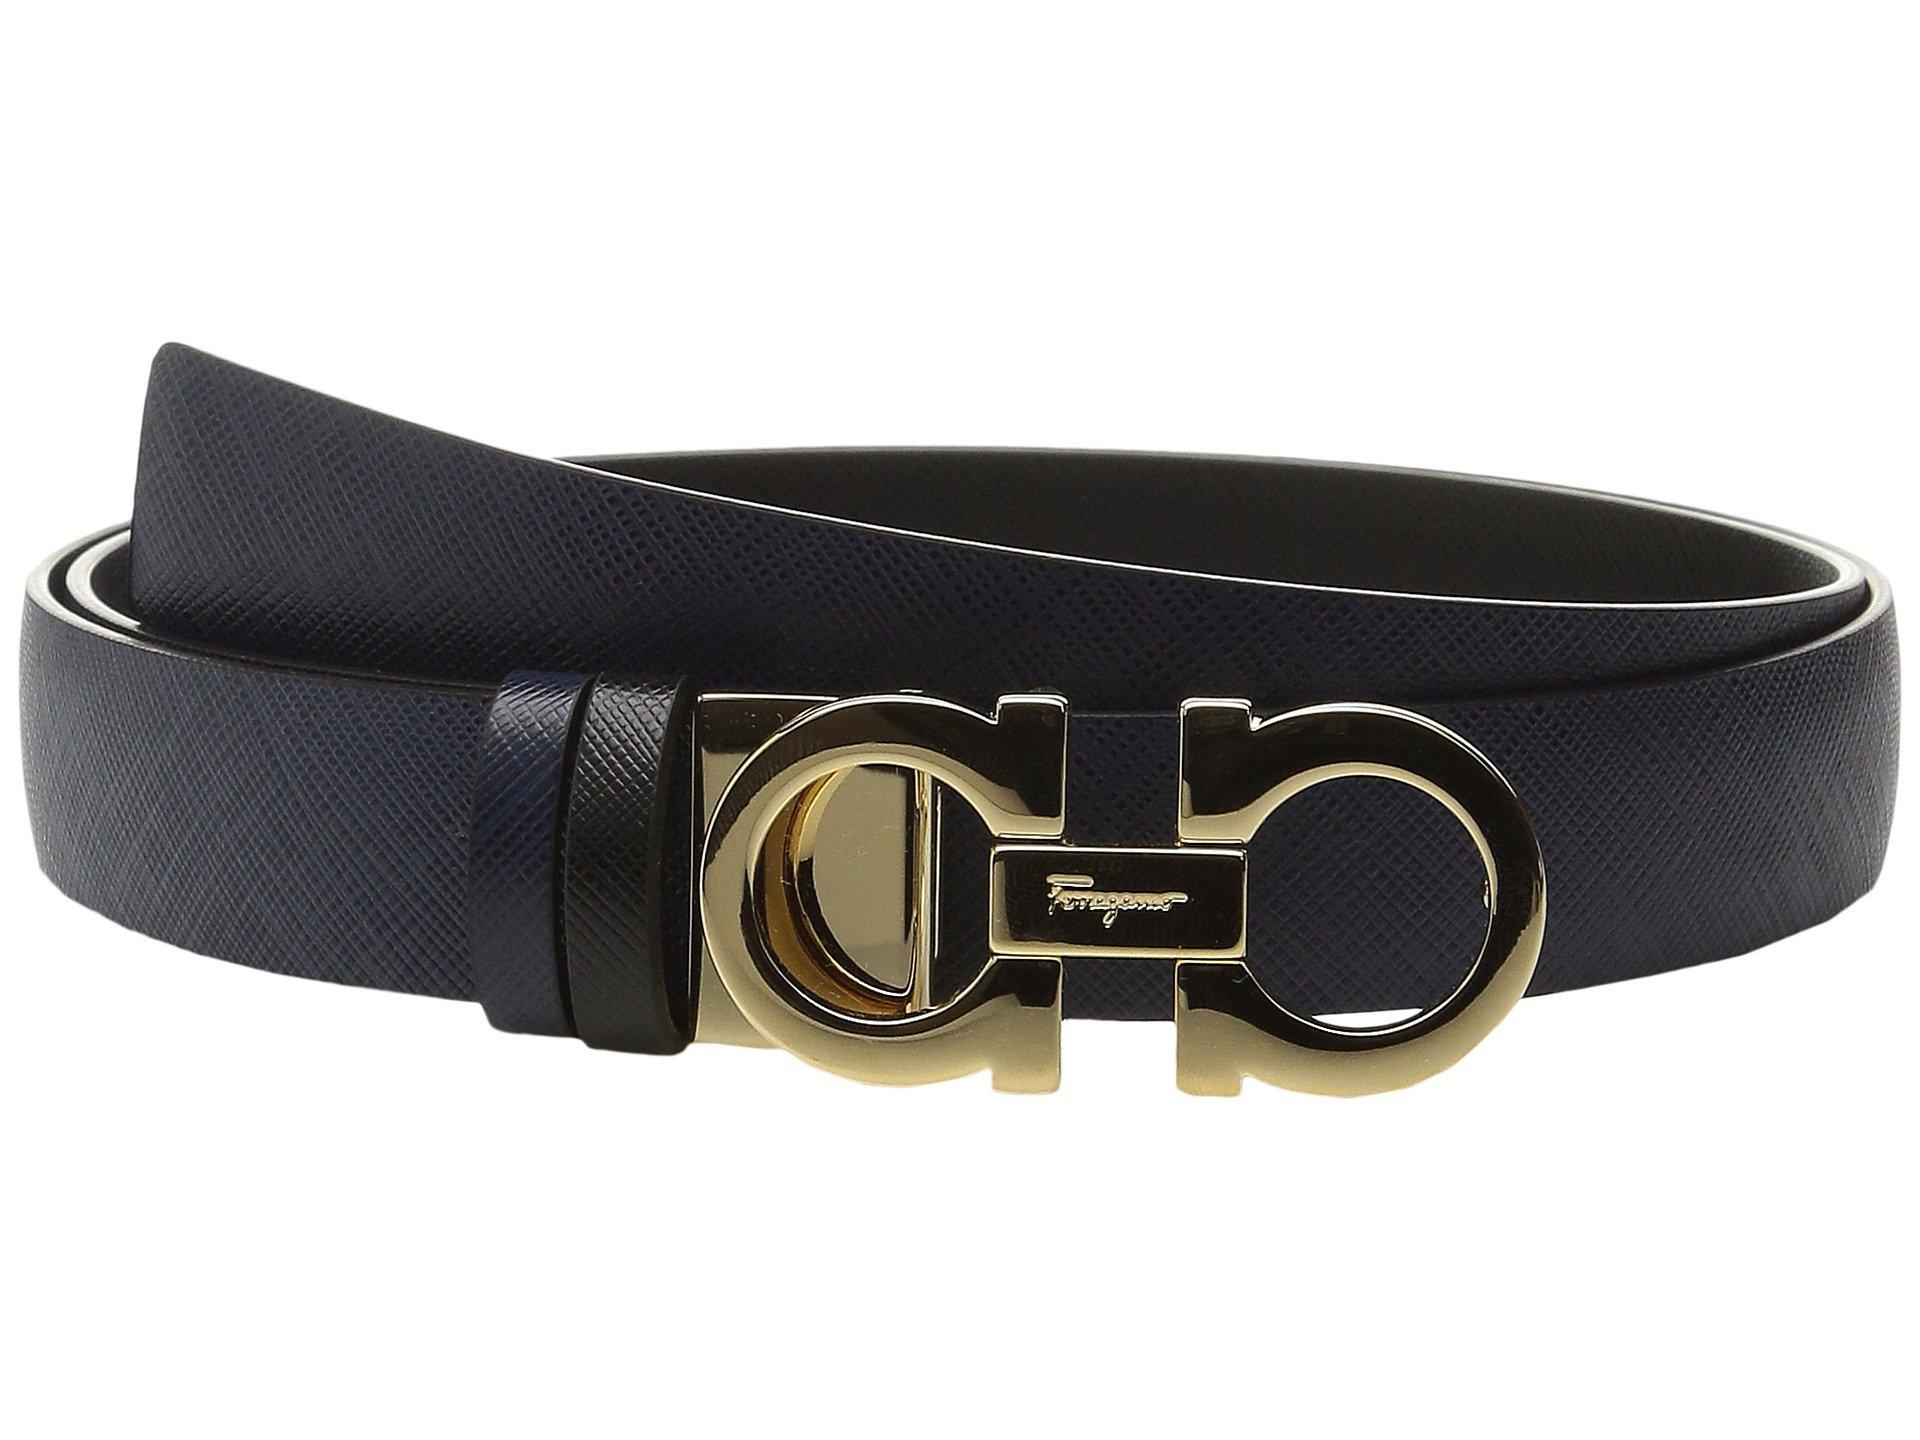 SALVATORE FERRAGAMO 23A565 Double Gancini Belt